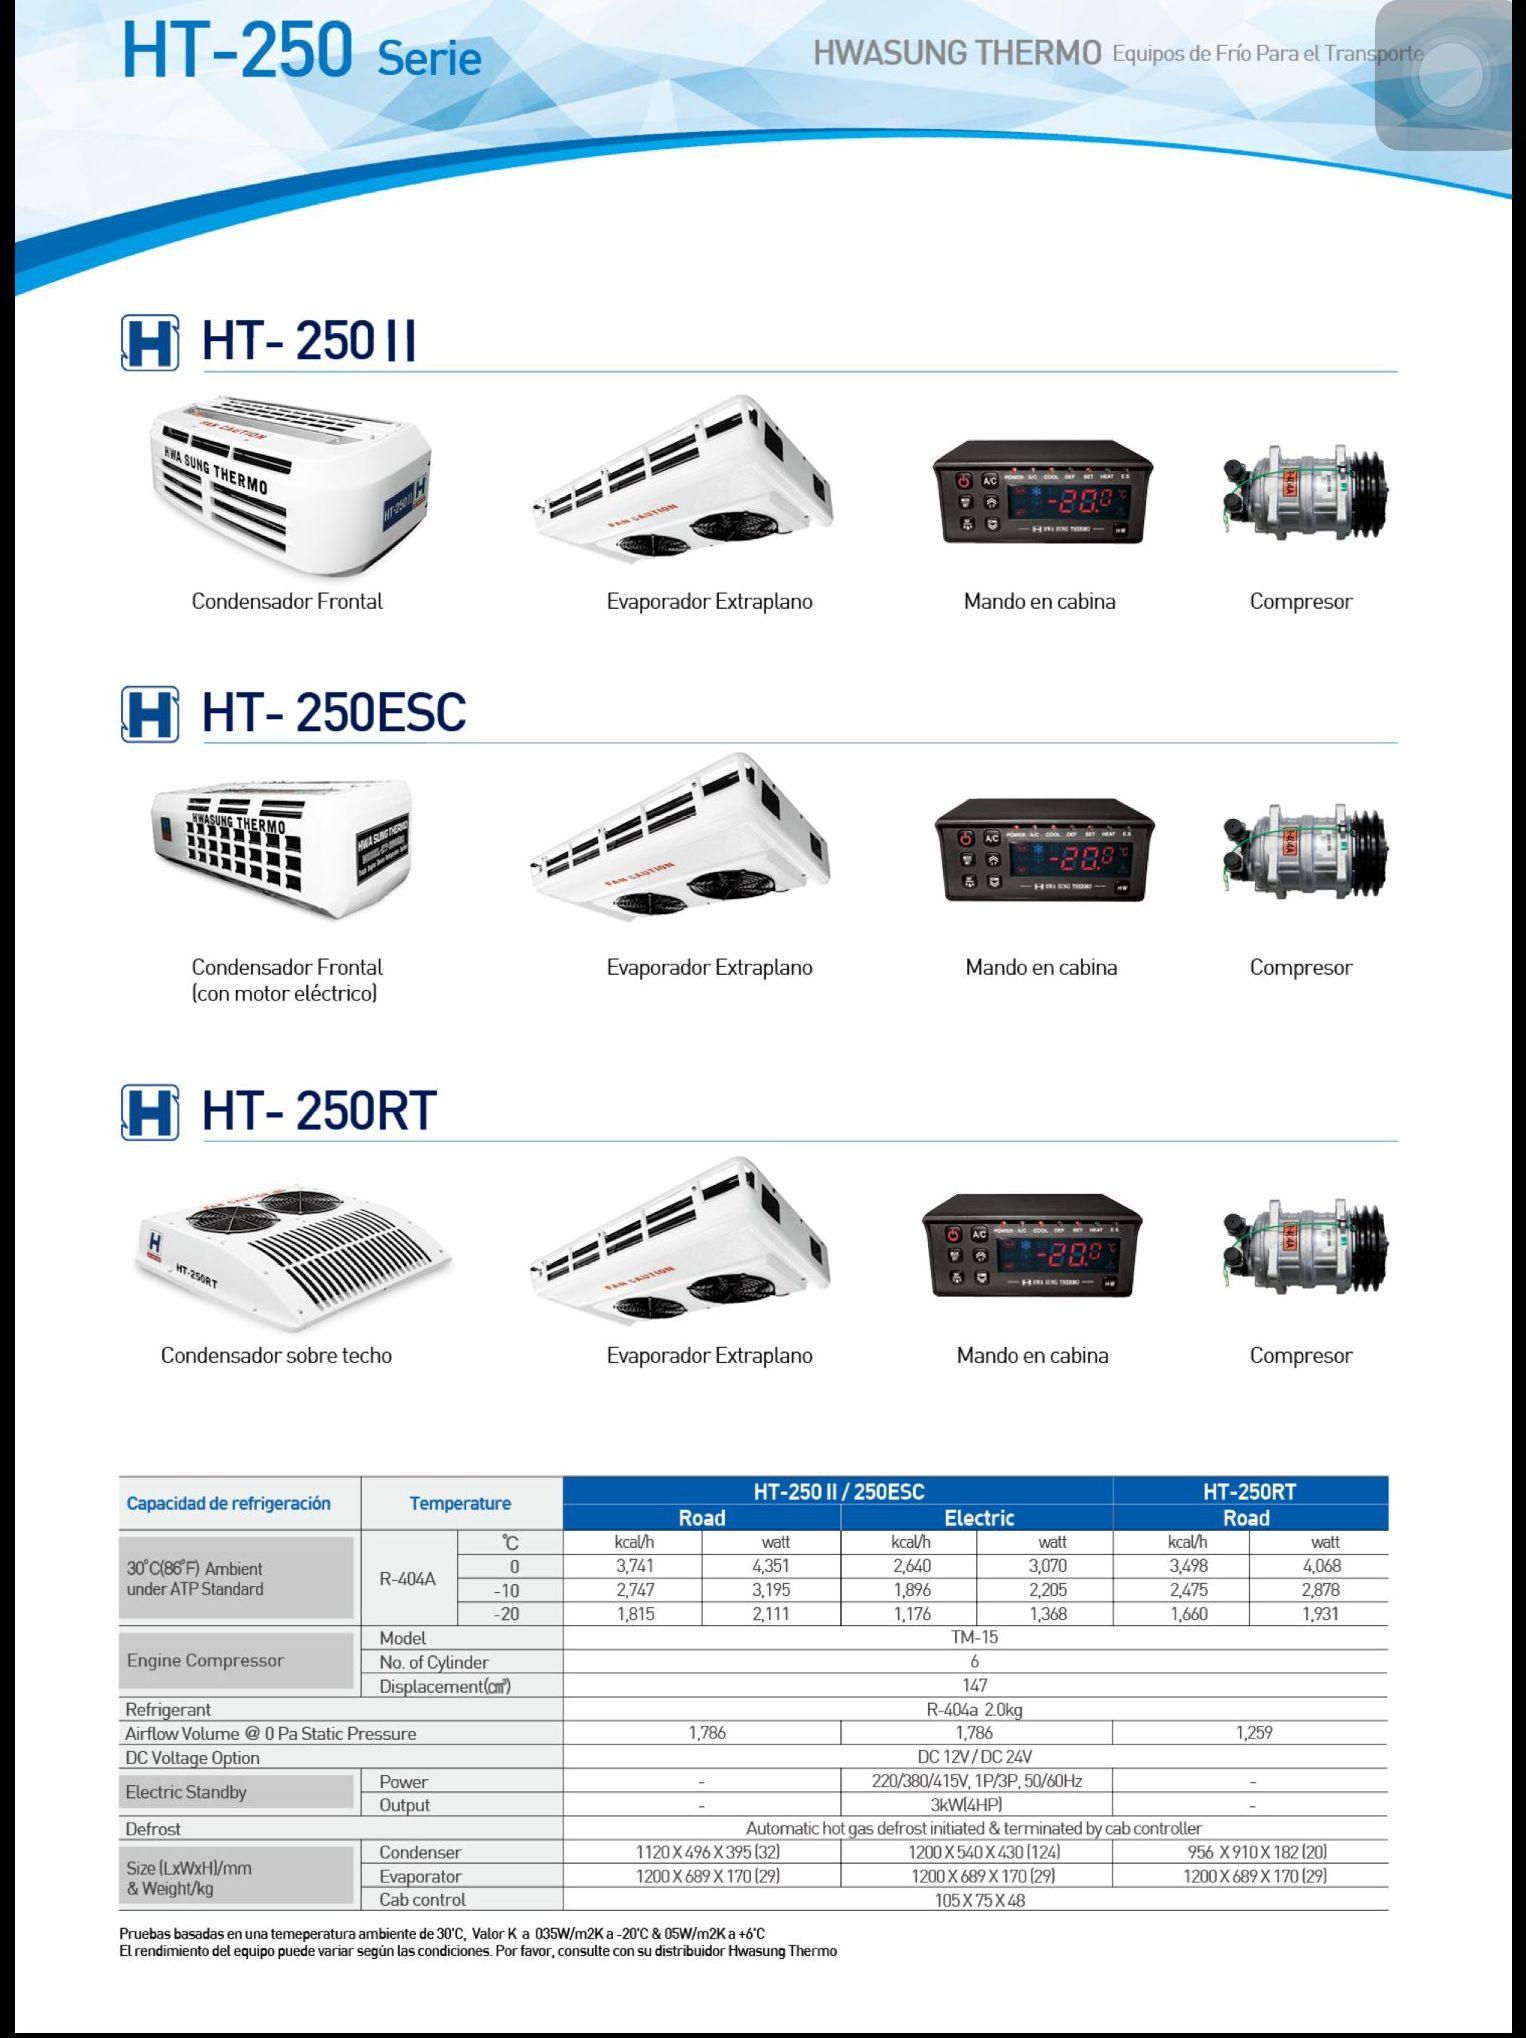 HWASUNG THERMO HT250 II: Productos de Mafriauto